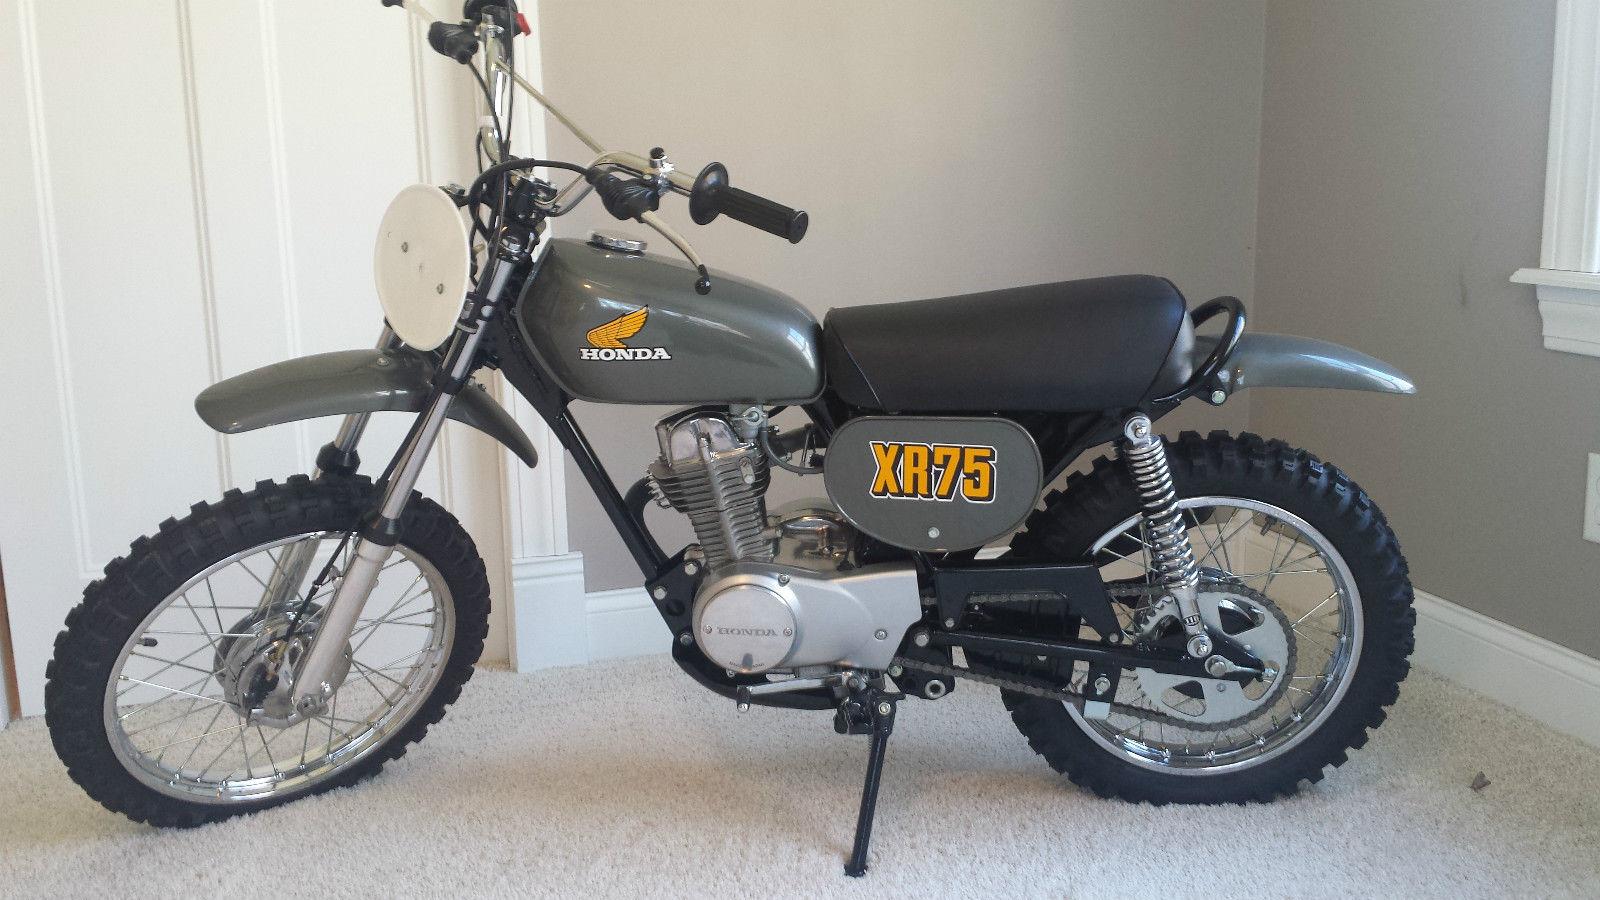 Honda XR75 - 1974